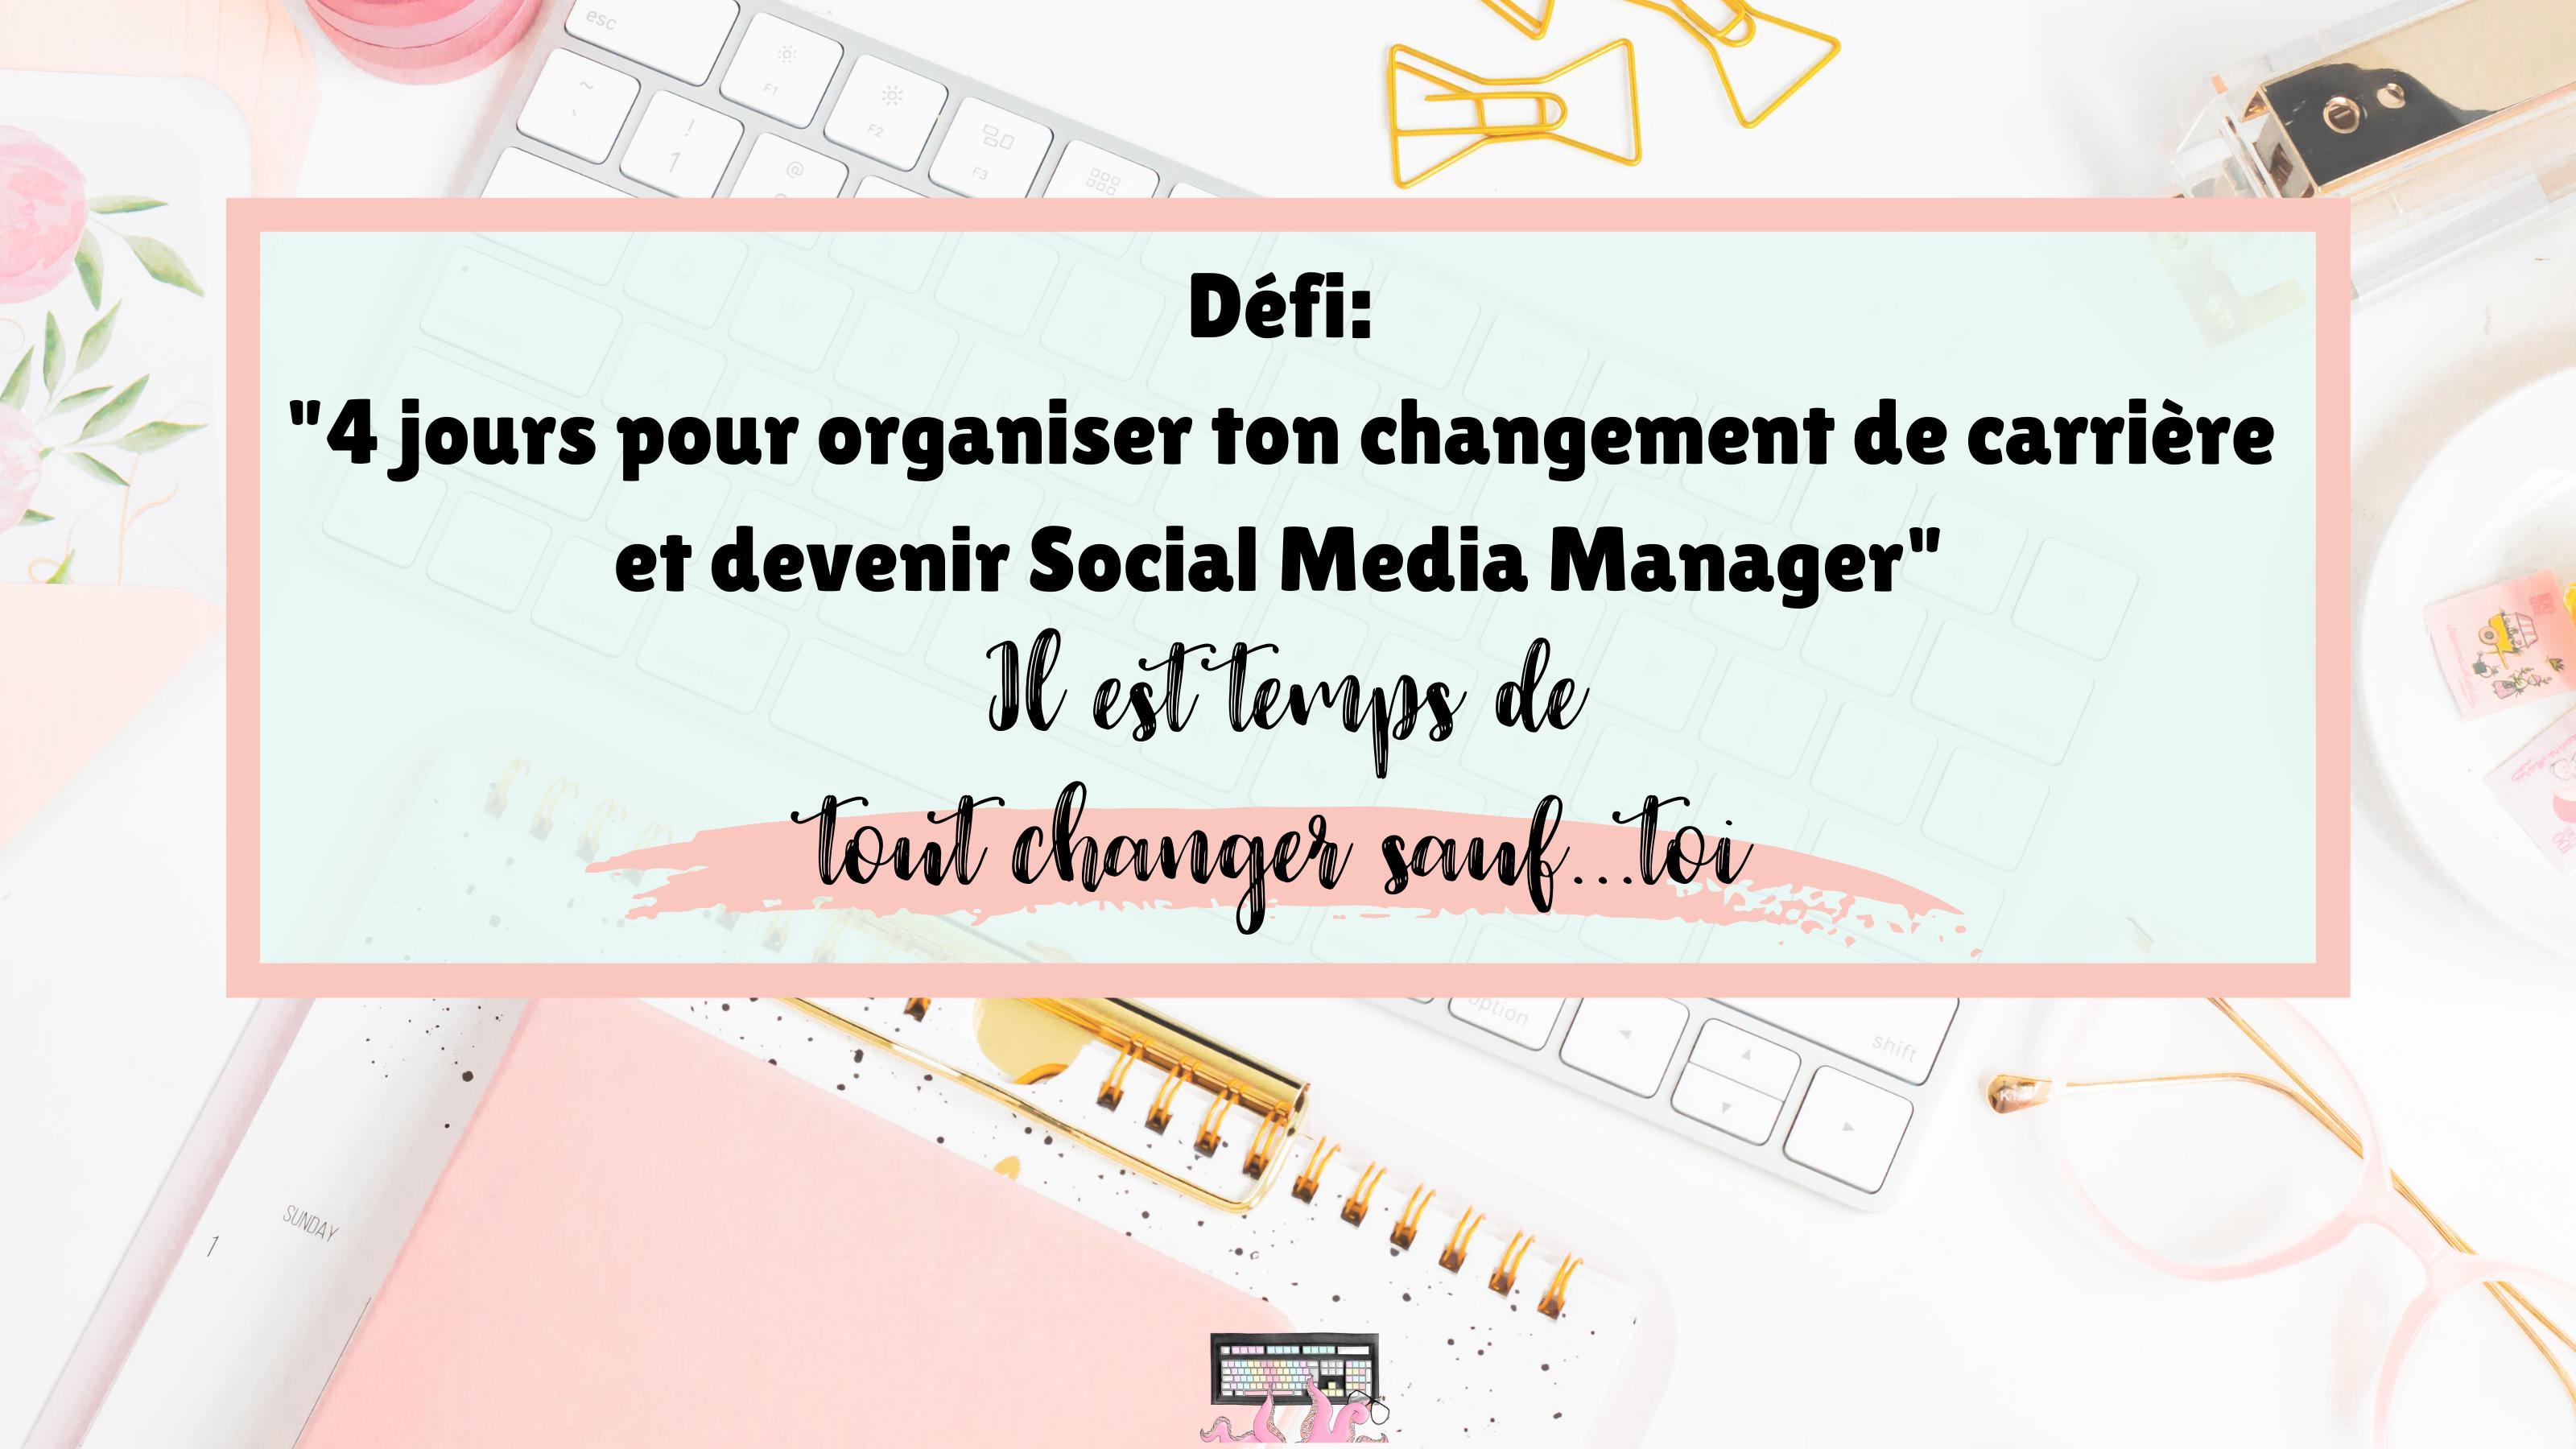 Défi: 4 jours pour organiser ton changement  de carrière et devenir Social Media Manager